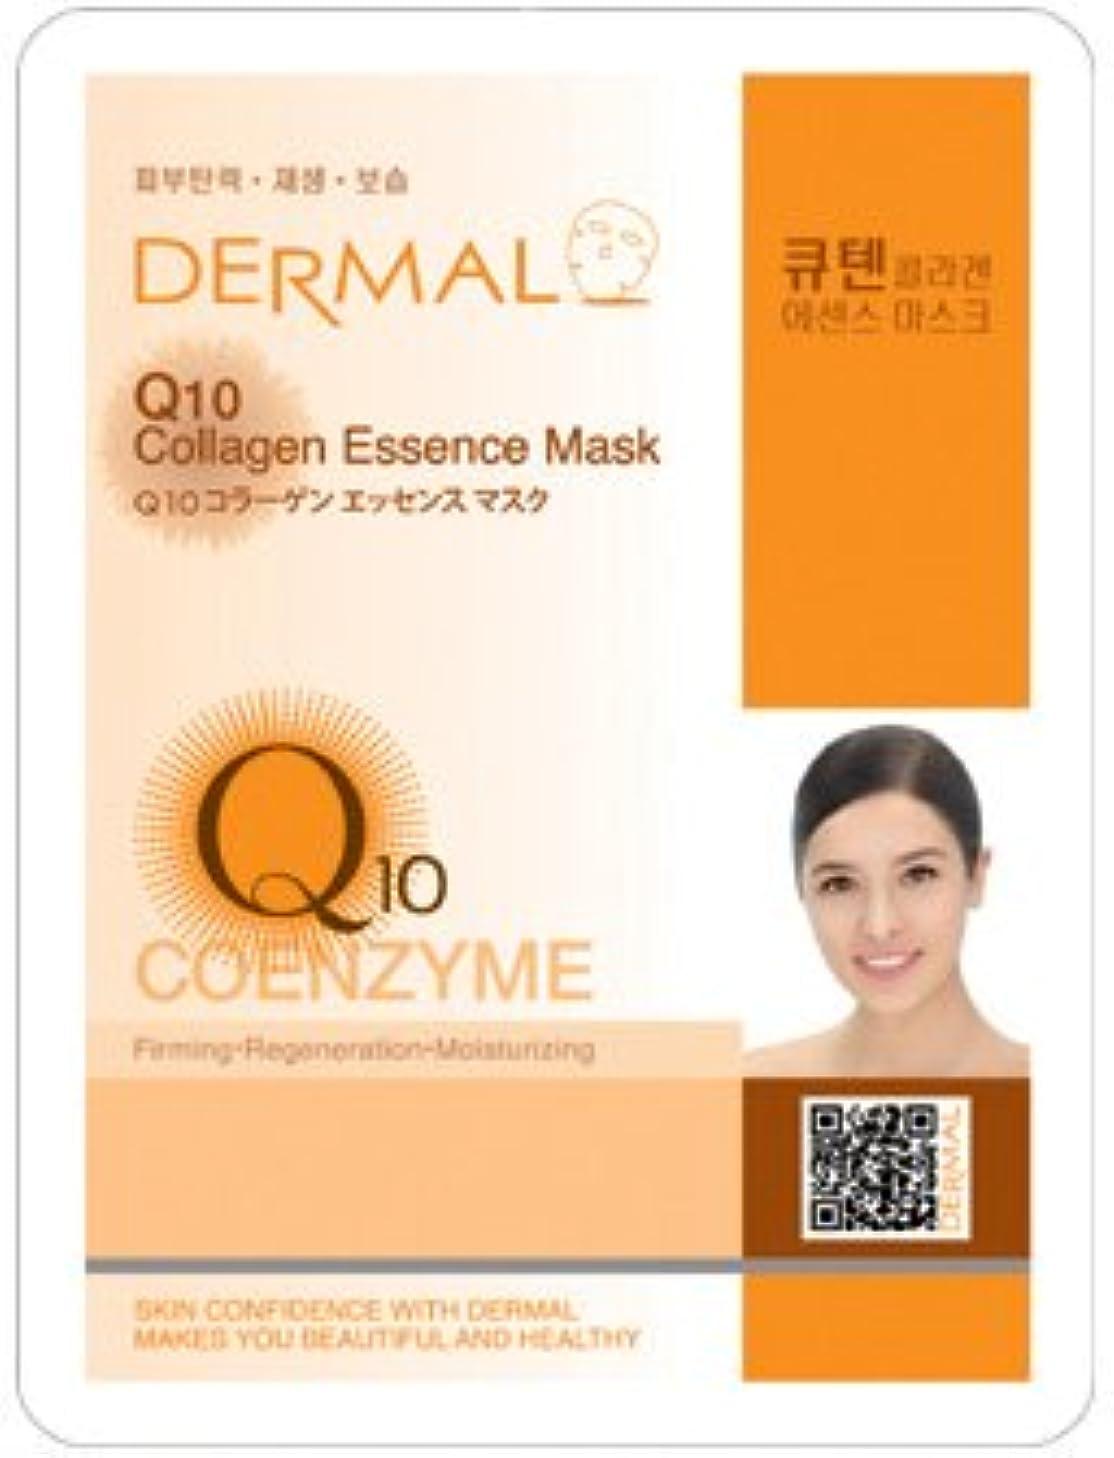 無視できるたまにスカープシートマスク Q10 コエンザイム 100枚セット ダーマル(Dermal) フェイス パック